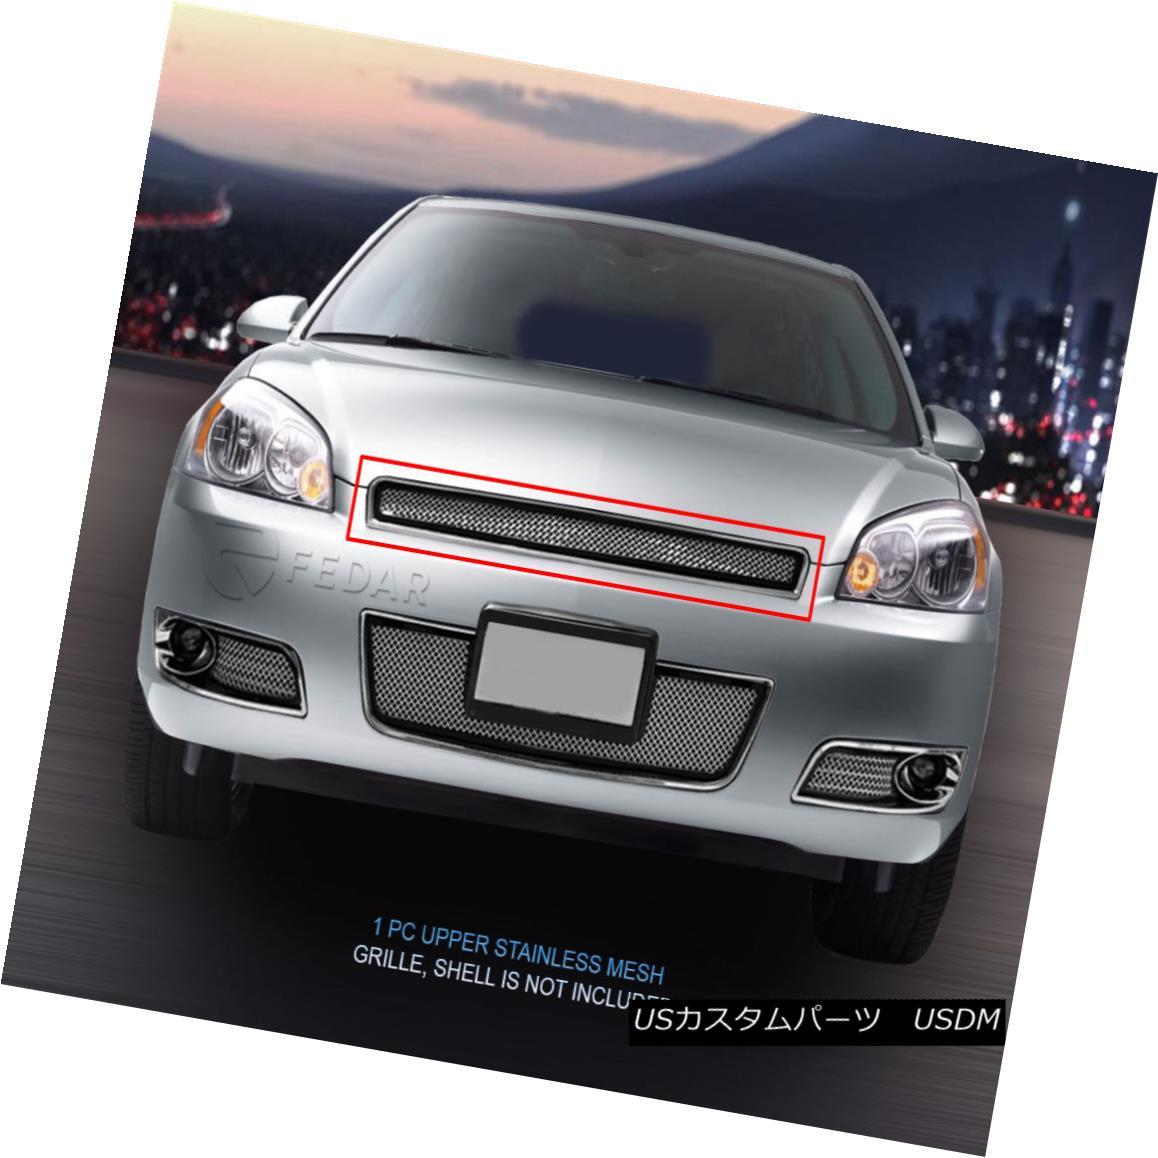 グリル Fedar Fits 06-13 Chevy Impala/06-07 Monte Carlo Polished Wire Mesh Grille Insert Fedar Fits 06-13 Chevy Impala / 06-07 Monte Carlo Polishedワイヤーメッシュグリルインサート